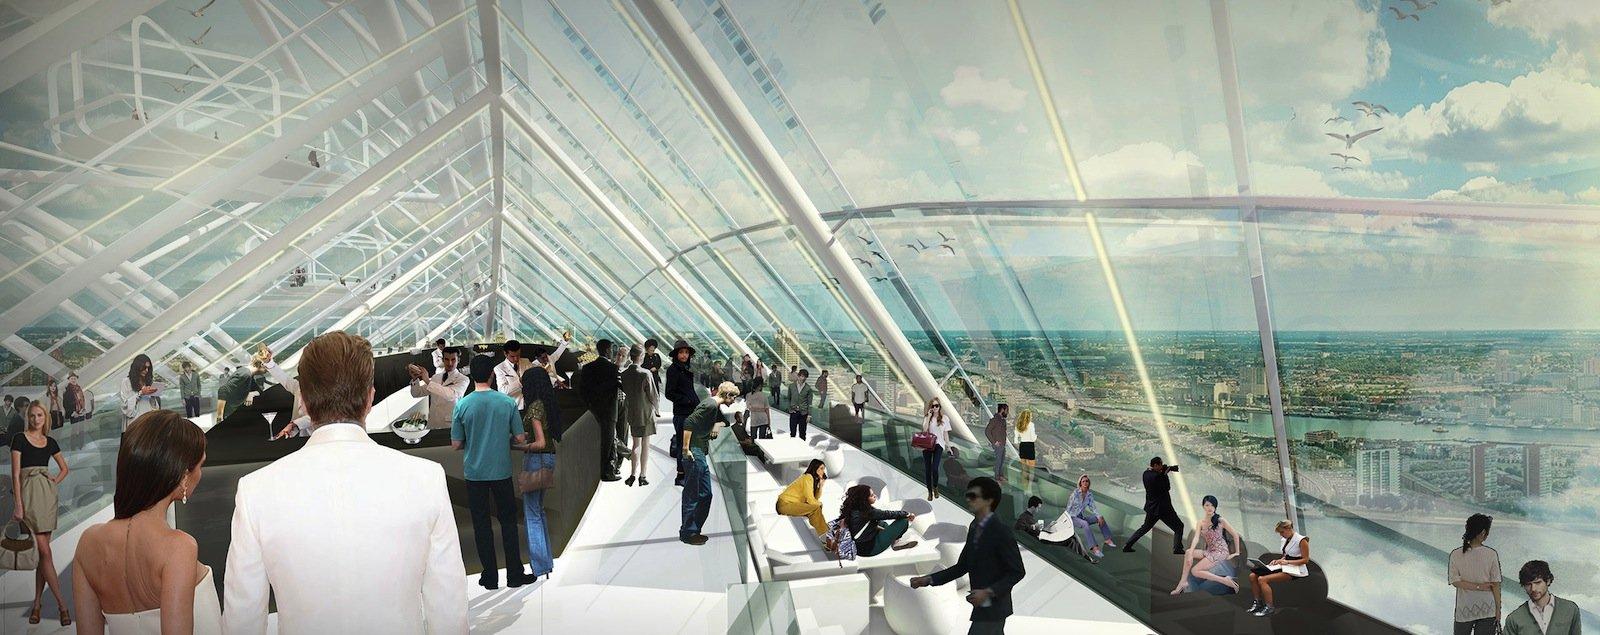 Der spektakuläre Bau soll Touristen in Scharen anziehen. 1,5 Millionen zahlende Gäste sollen es jährlich werden.